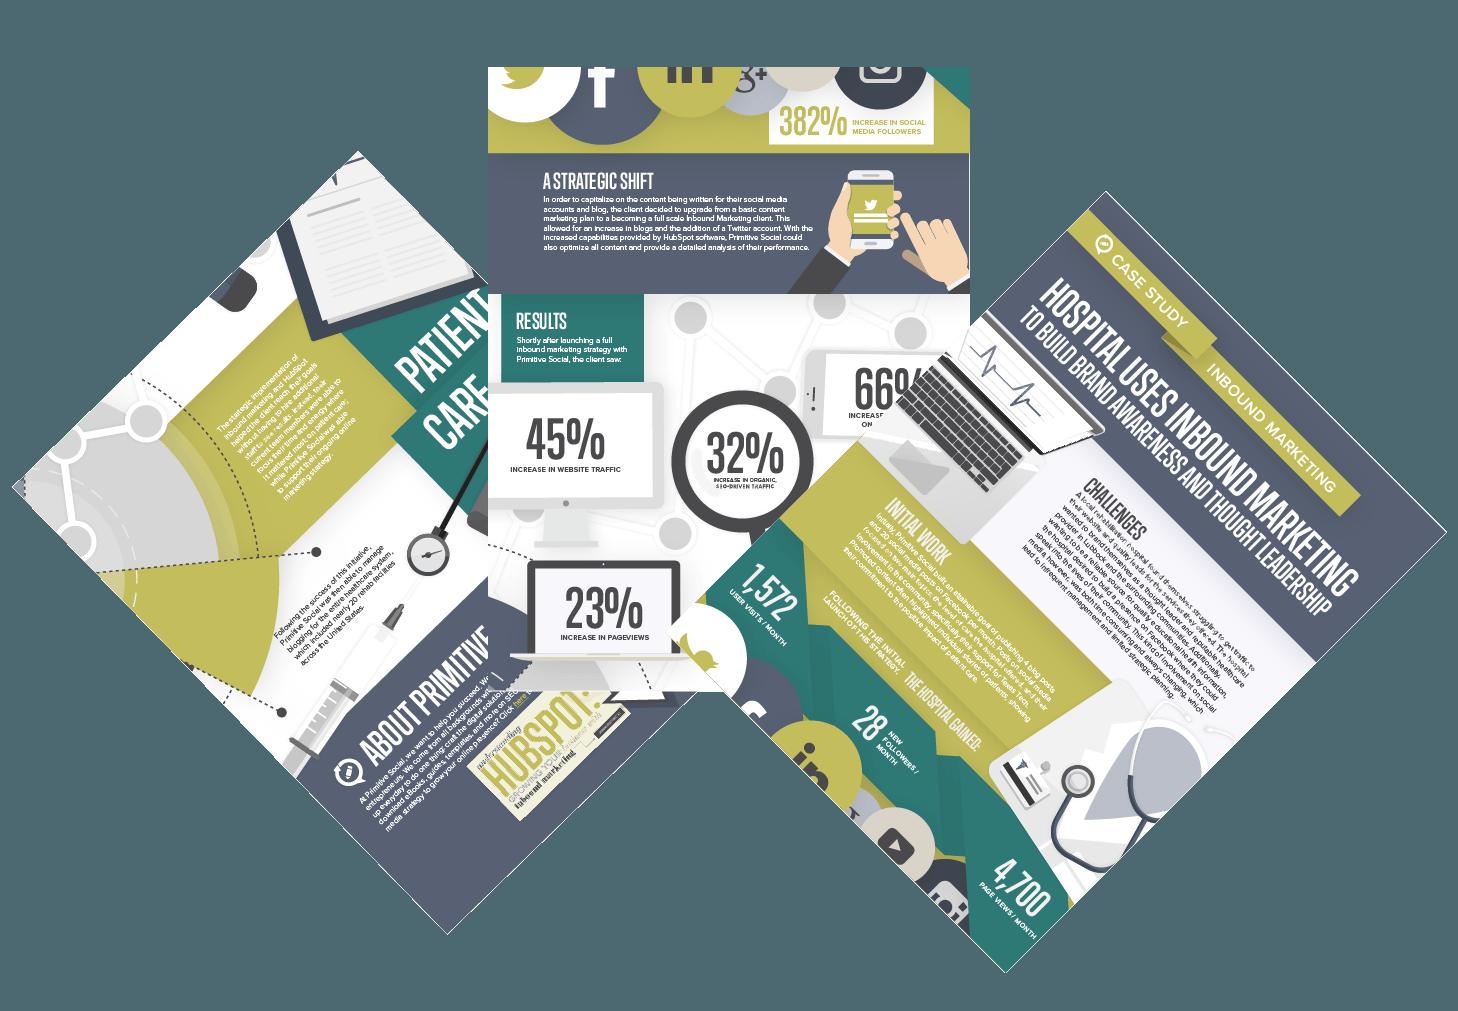 TP-Inbound-Marketing-Case-Study